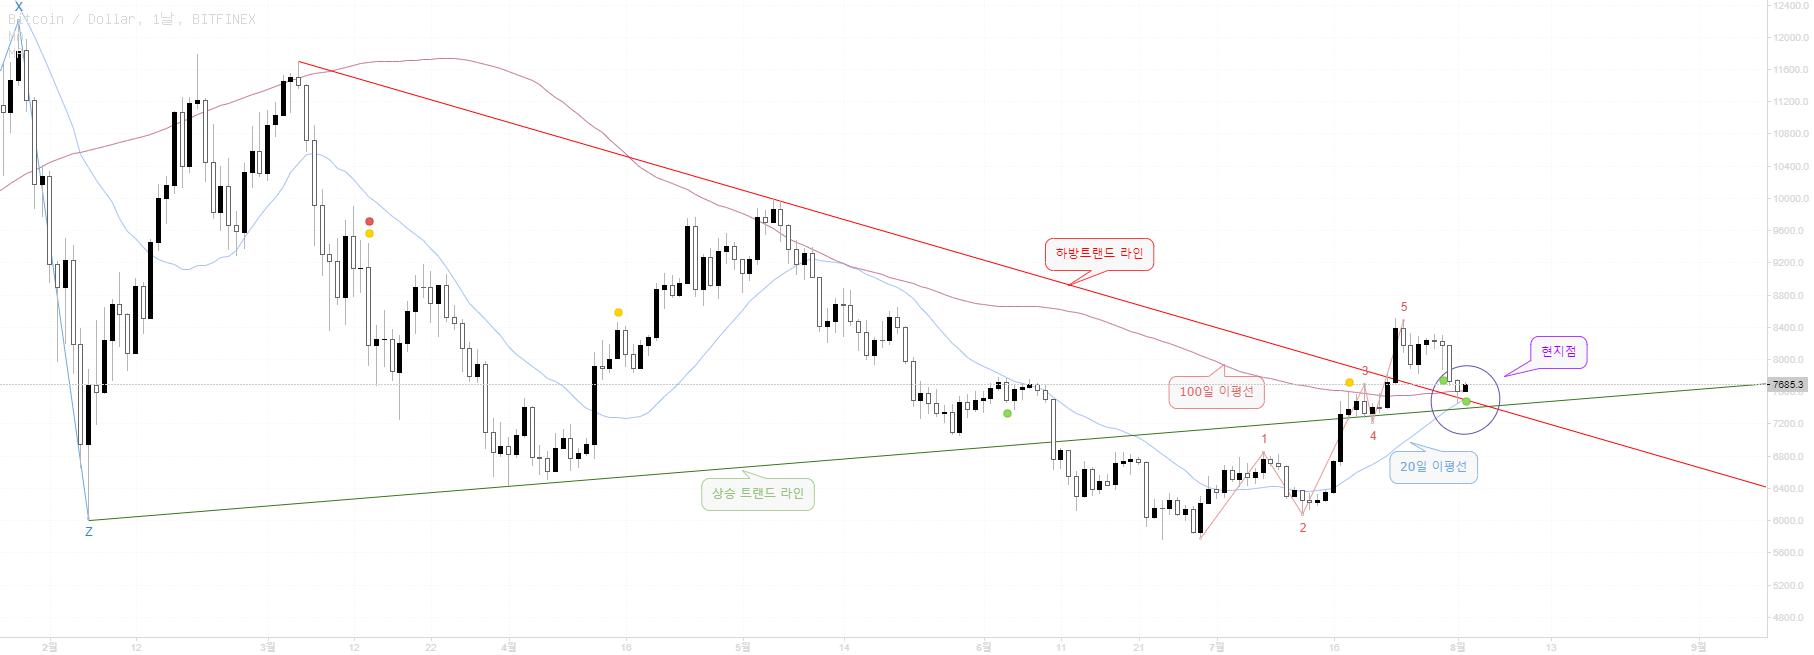 ('18. 8/2) BTC 야매분석 - Market Cap 과 BTC 도미넌스